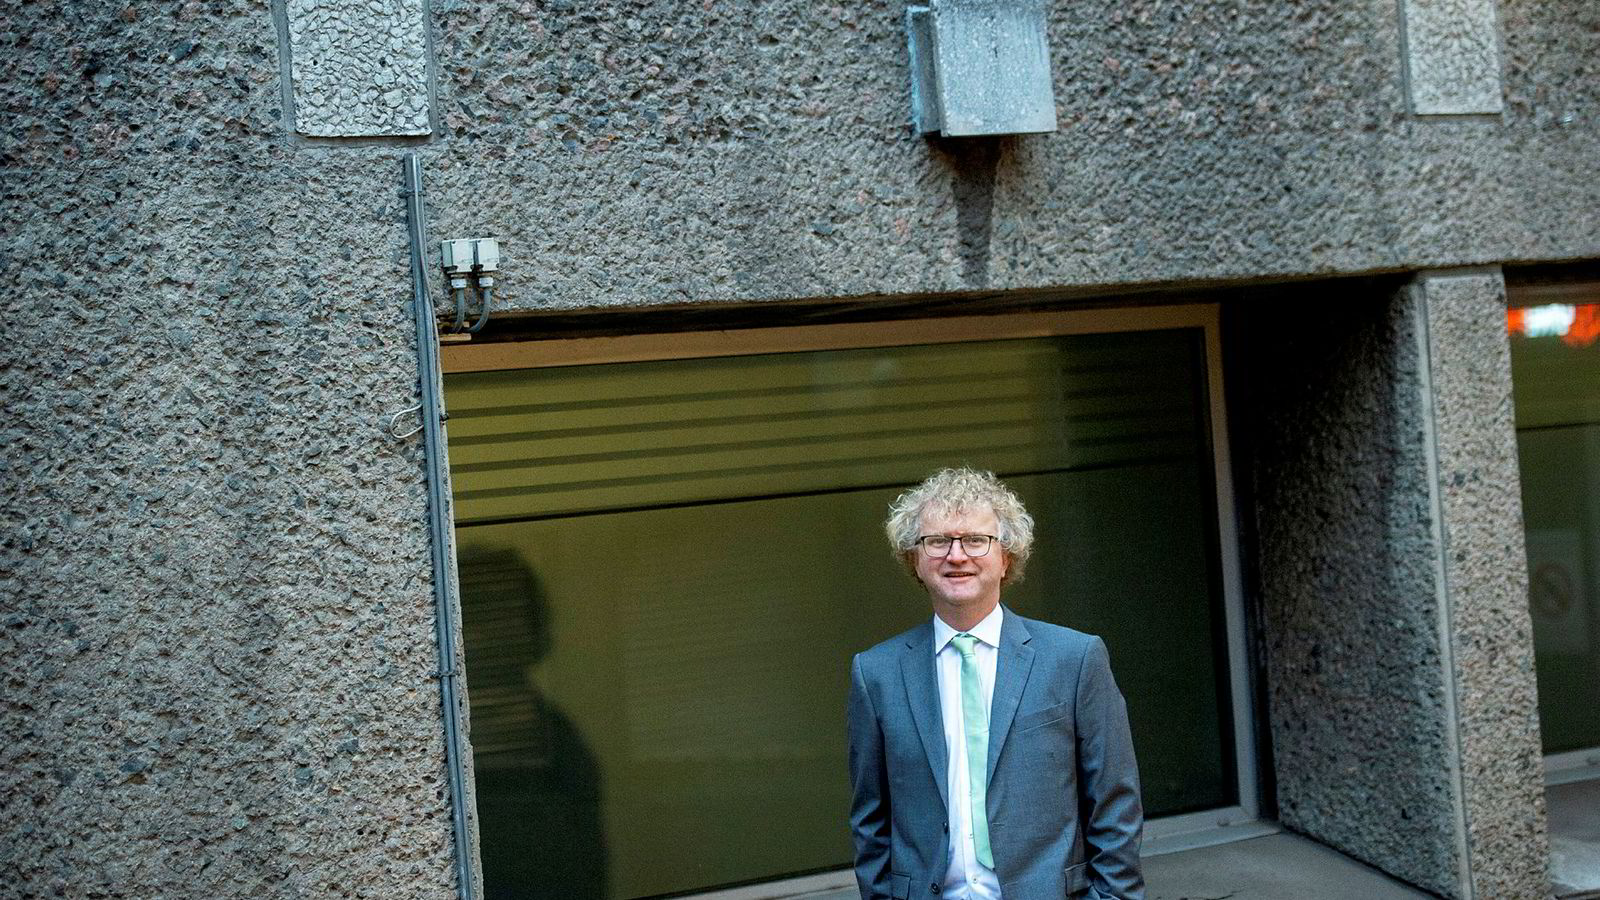 Sjeføkonom Jan Ludvig Andreassen i Eika Gruppen er svært opptatt av hvordan befolkningsvekst påvirker økonomien.